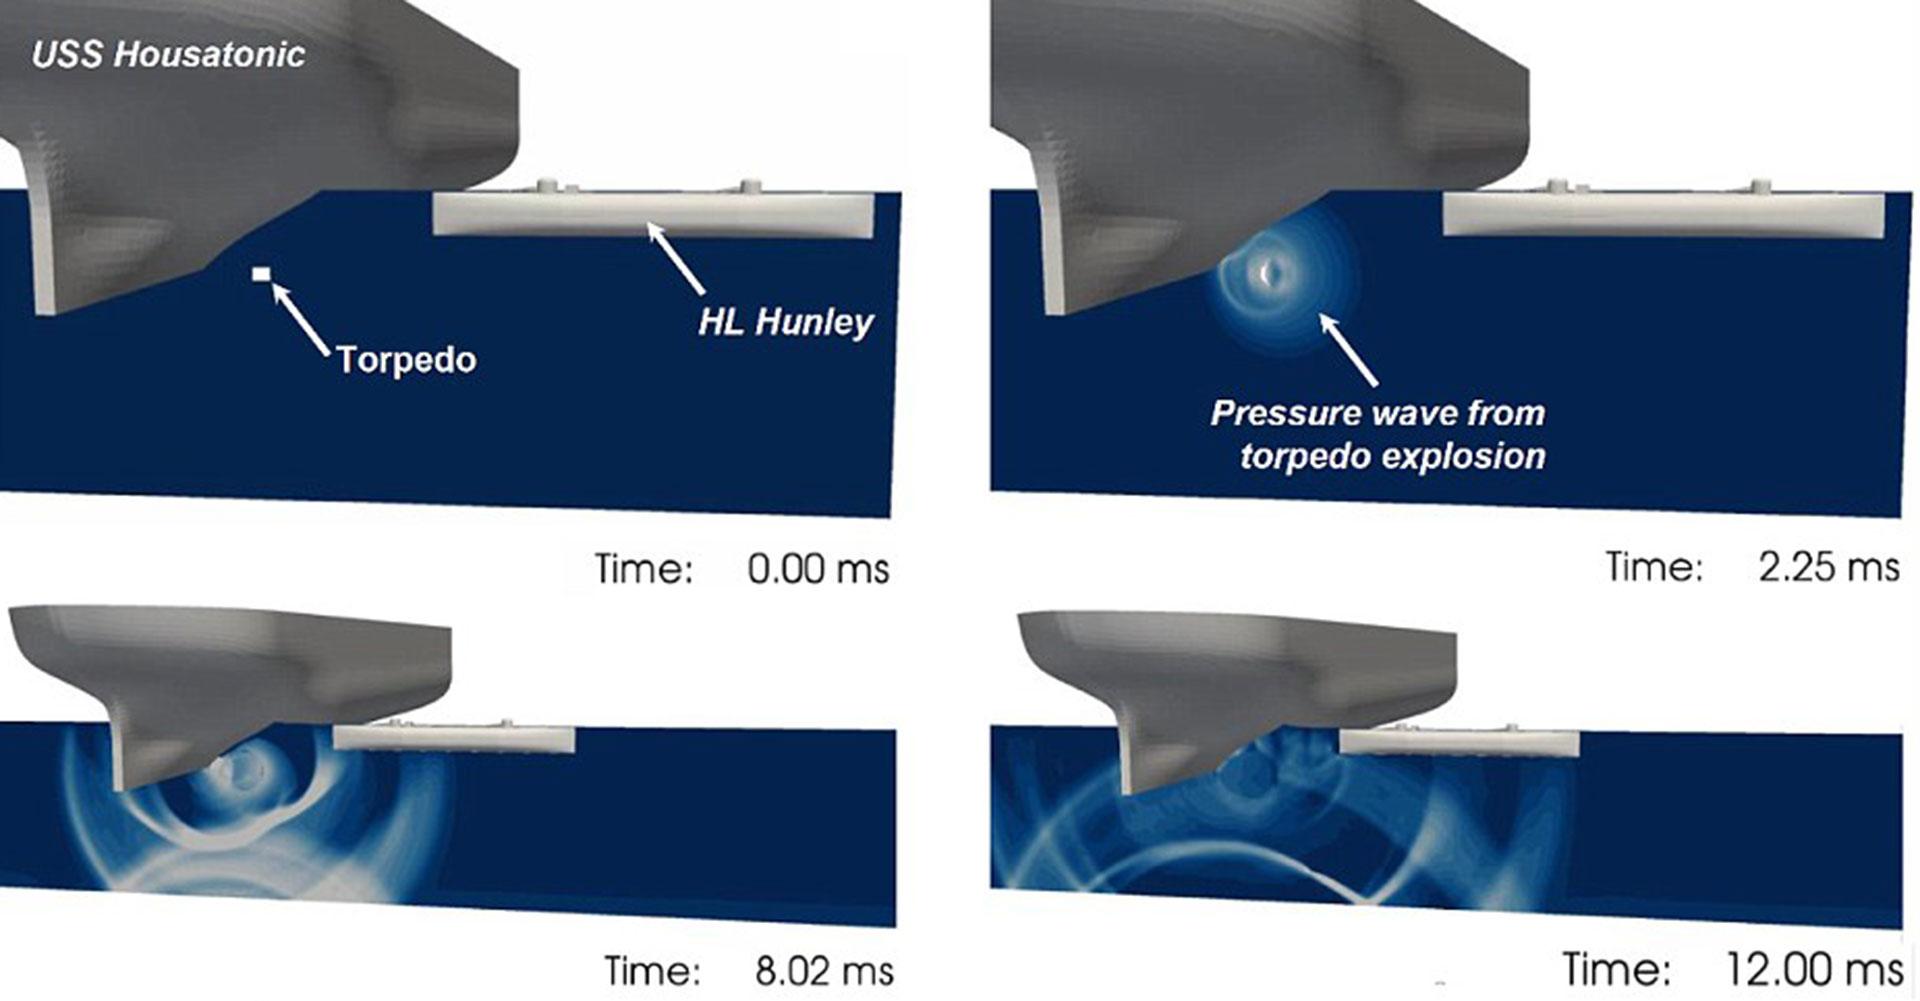 La secuencia del trágico ataque al USS Housatonic: el Hunley se acercó sigilosamente y colocó un torpedo accionado por cable bajo el casco. Tras hacer estallar el misil, la corbeta se hundió en 5 minutos, pero la onda expansiva también se llevó al submarino (Daily Mail)